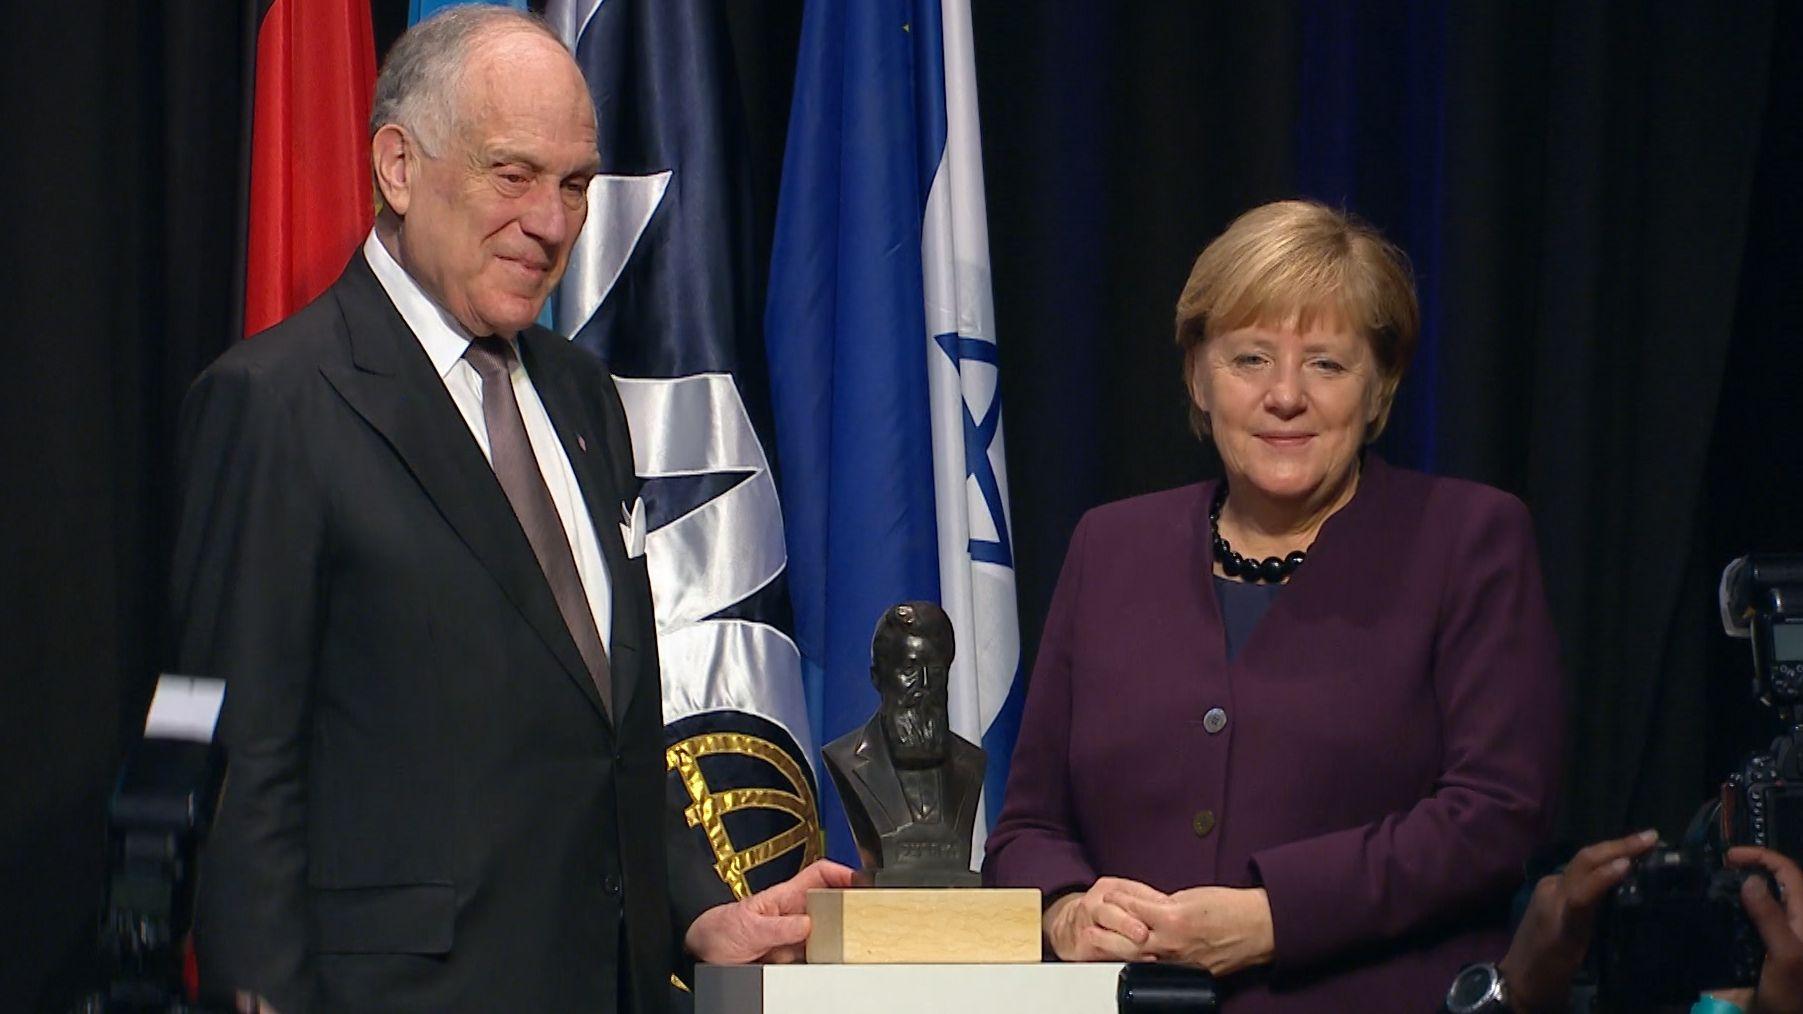 Bundeskanzlerin Angela Merkel bei der Auszeichnung in München